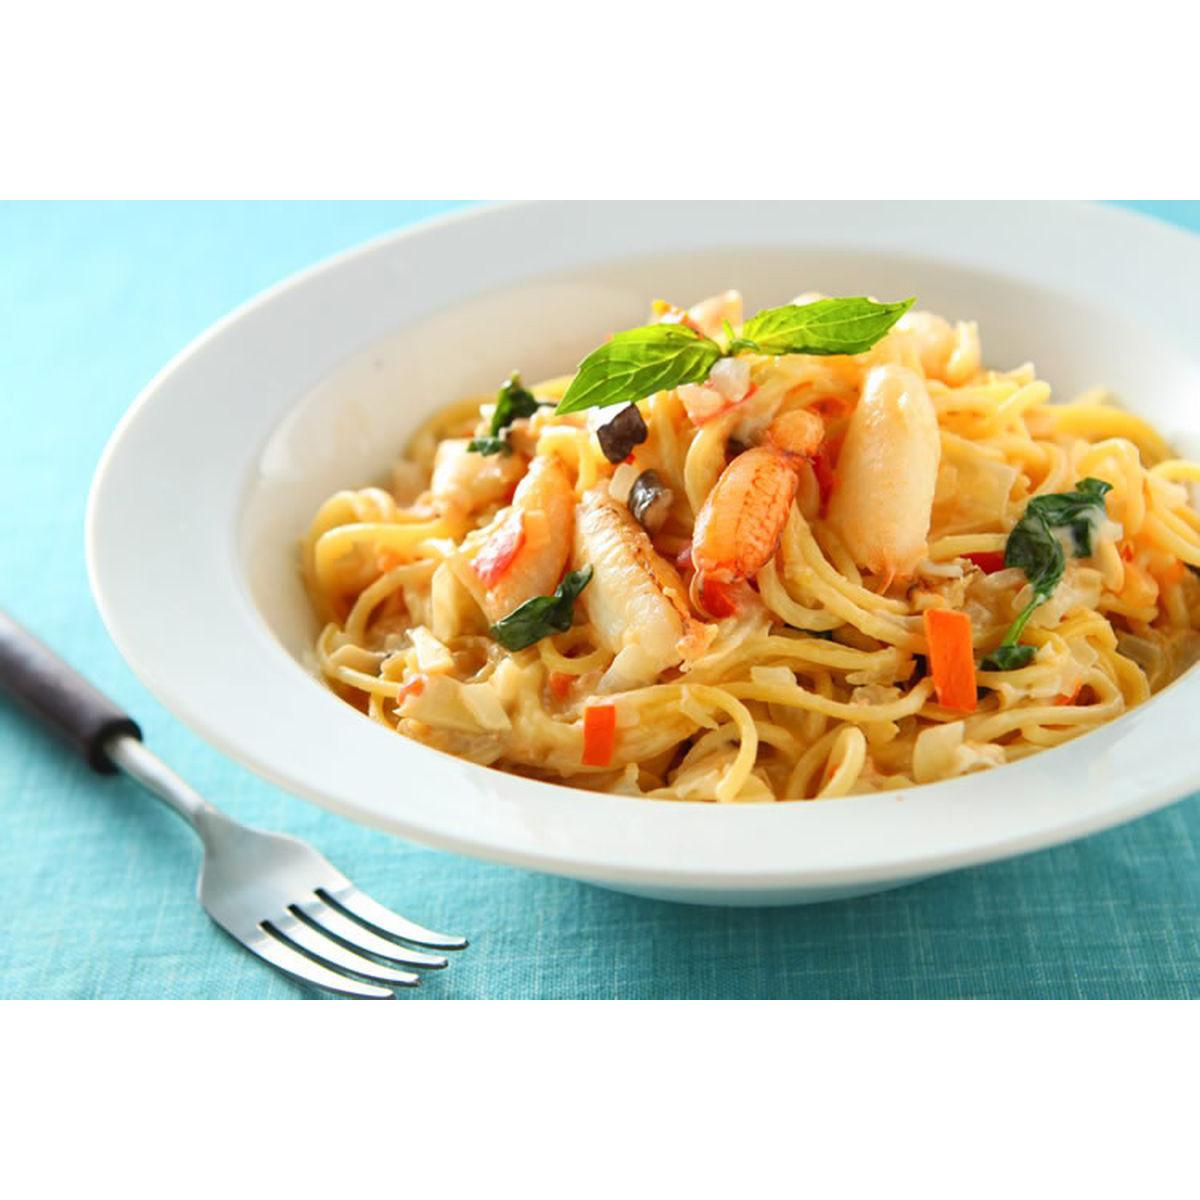 食譜:蟹肉奶油義大利麵(1)